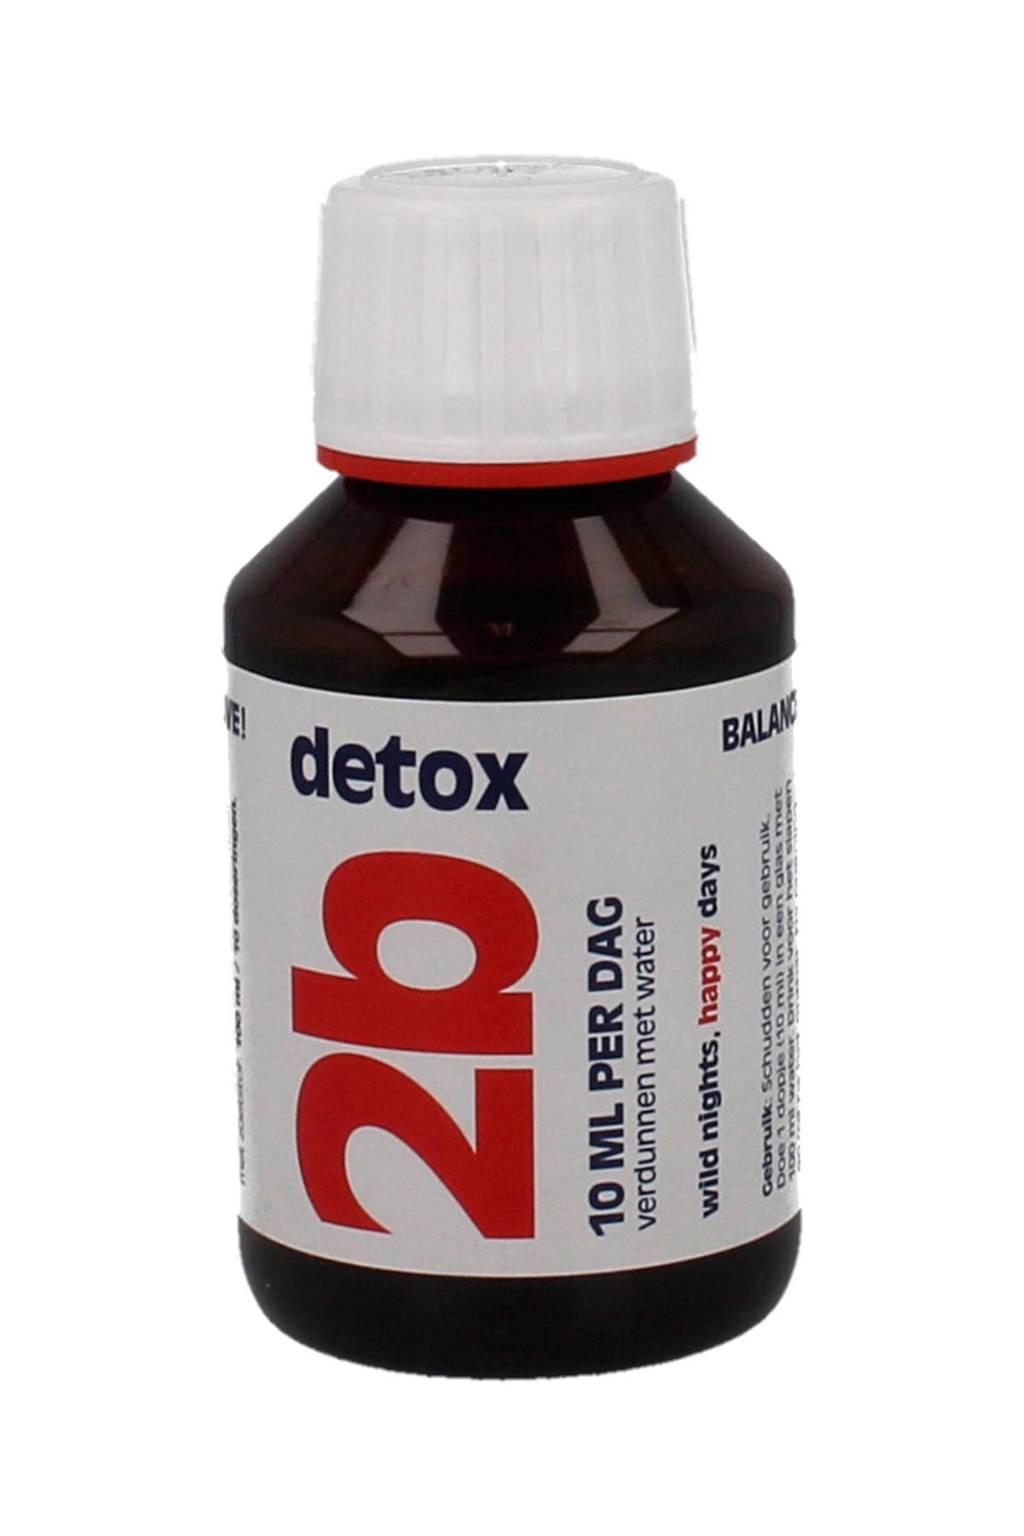 Amiset 2B Detox - 100 ml - voedingssupplement